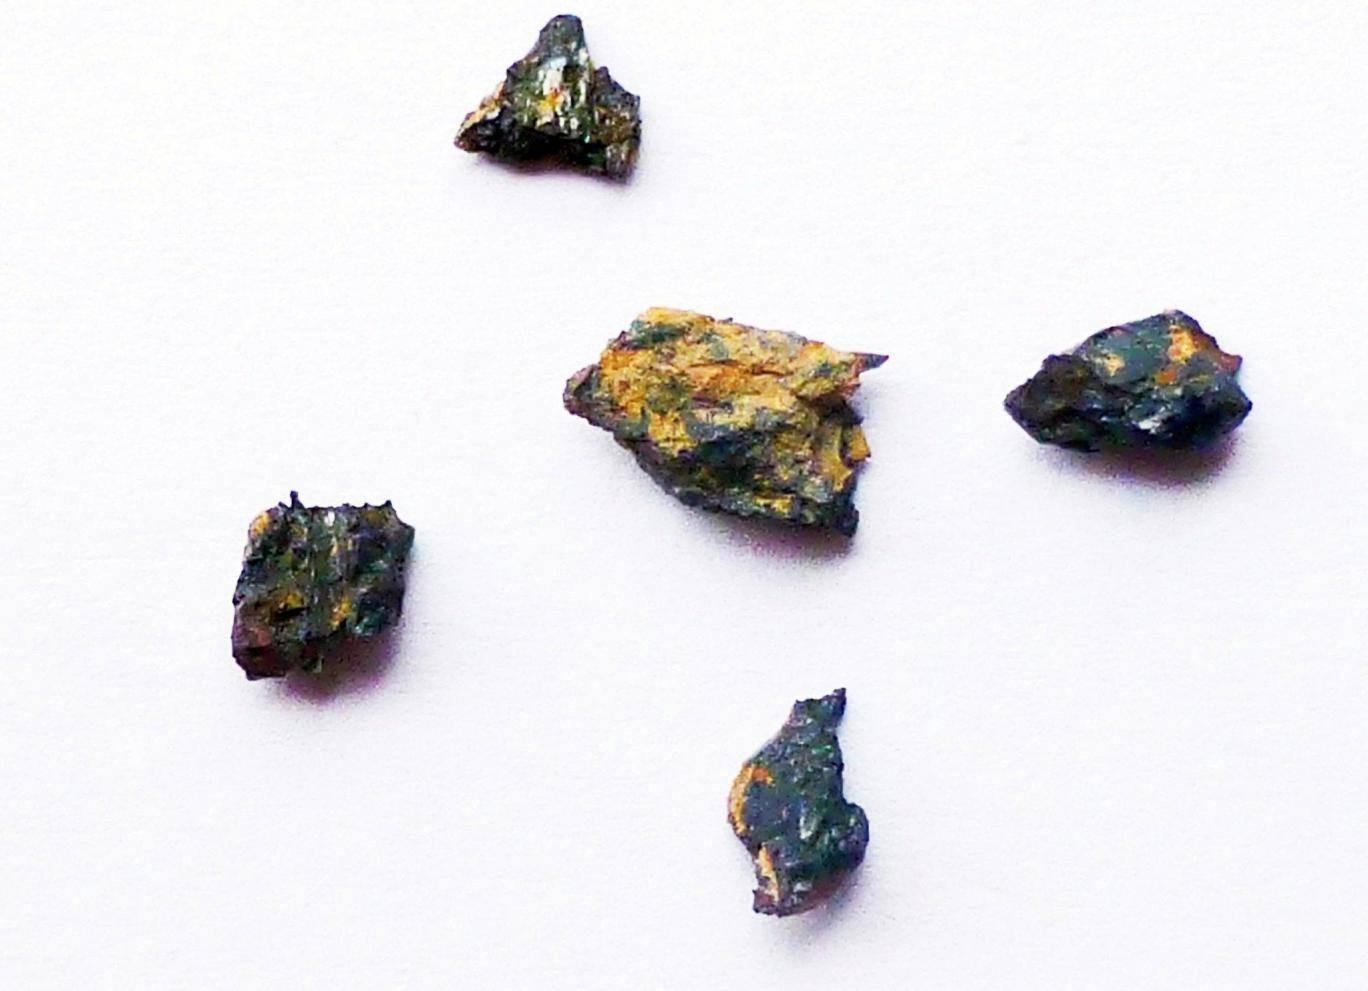 Pedra alienígena encontrada no Egito confunde cientistas